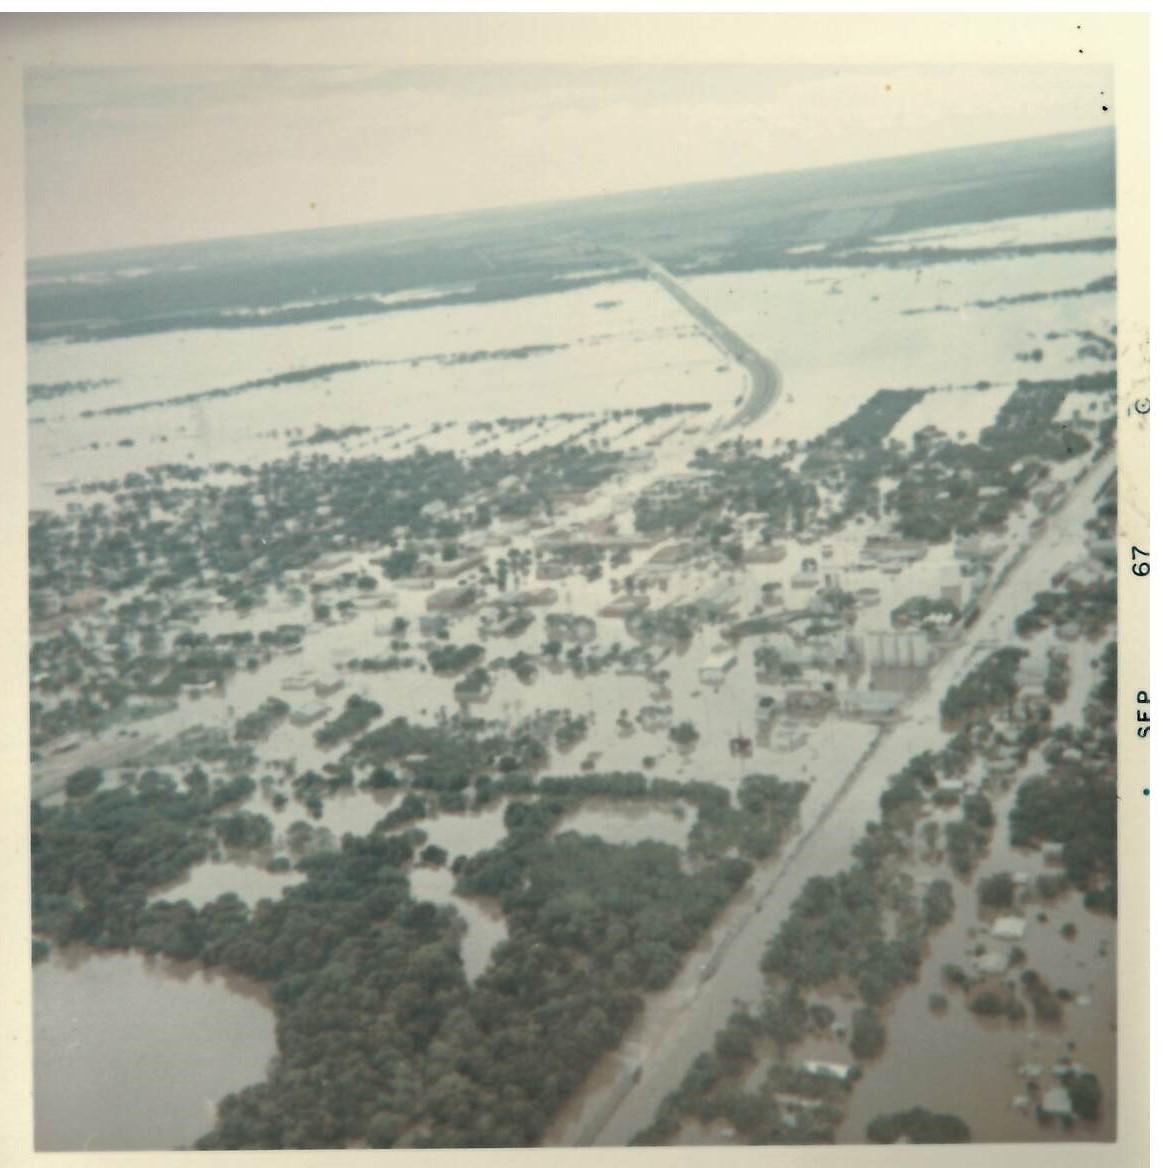 Major Hurricane Beulah September 20 1967